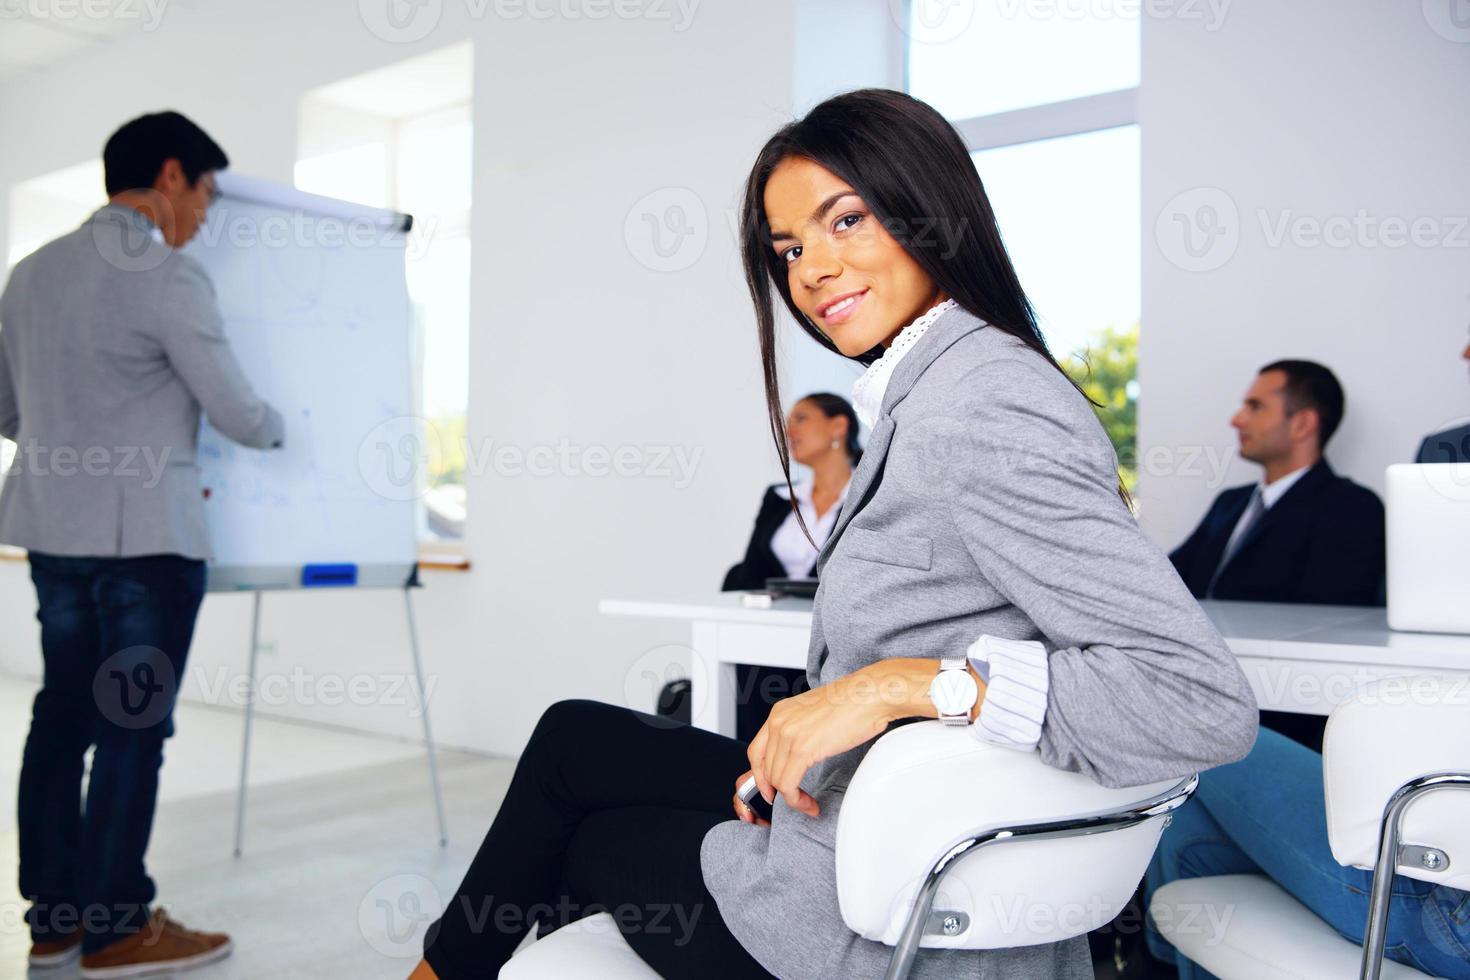 conférence d'affaires. réunion d'affaires. photo